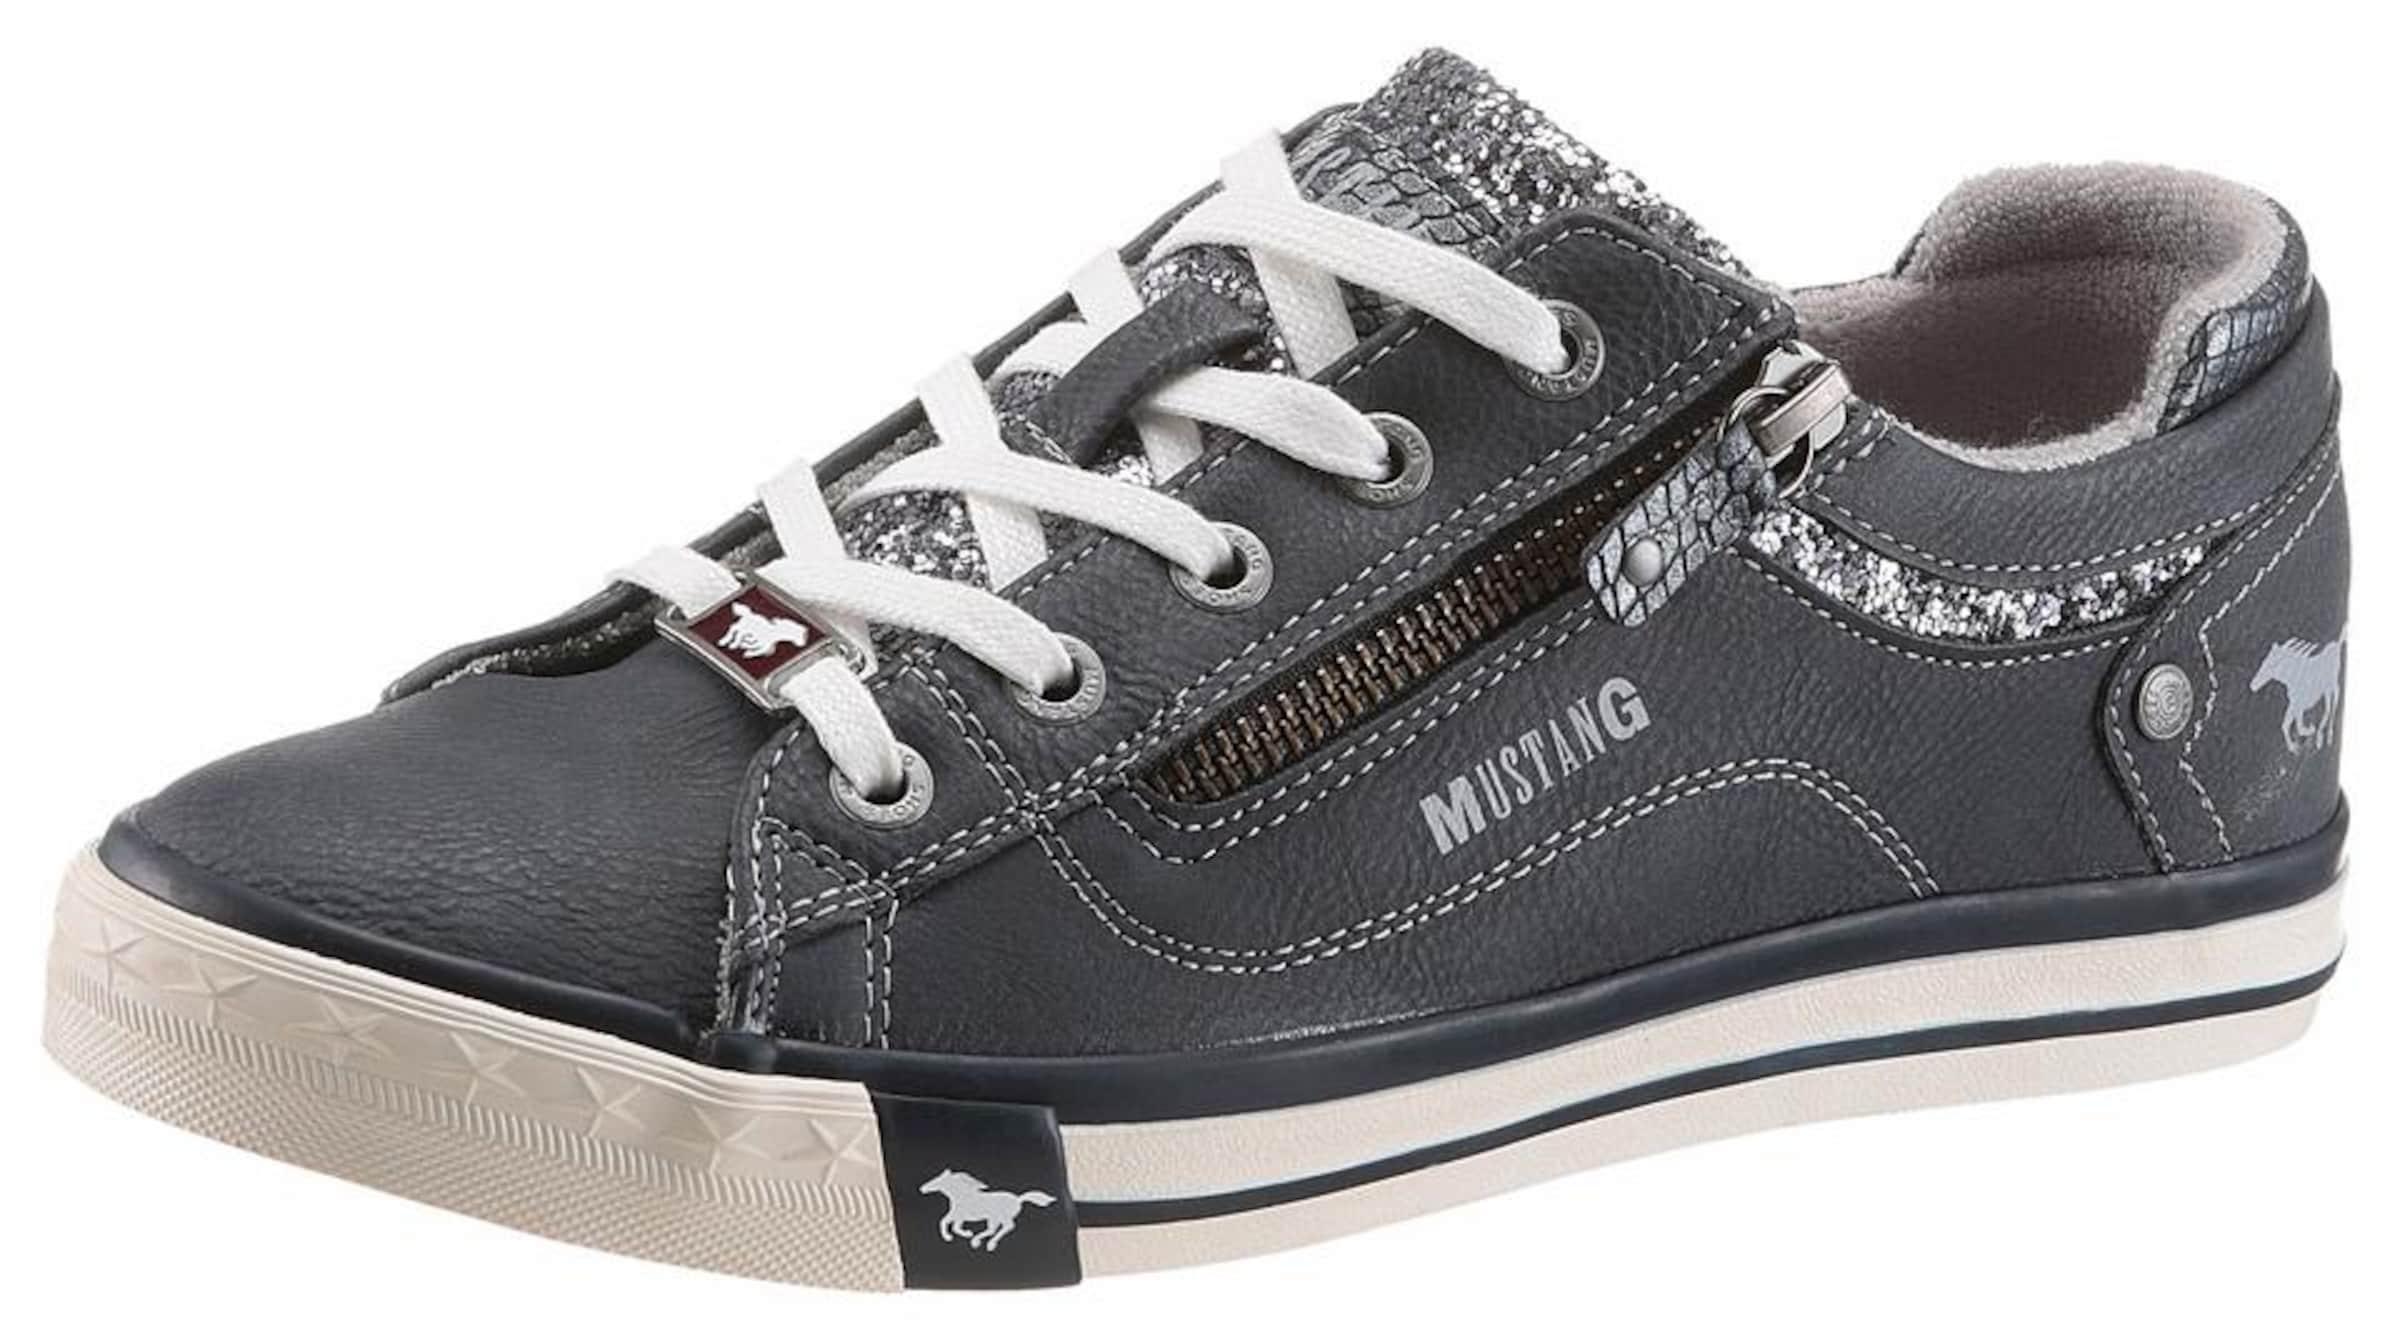 Haltbare Mode billige Schuhe MUSTANG | Sneakers Schuhe Gut getragene getragene Gut Schuhe ece793